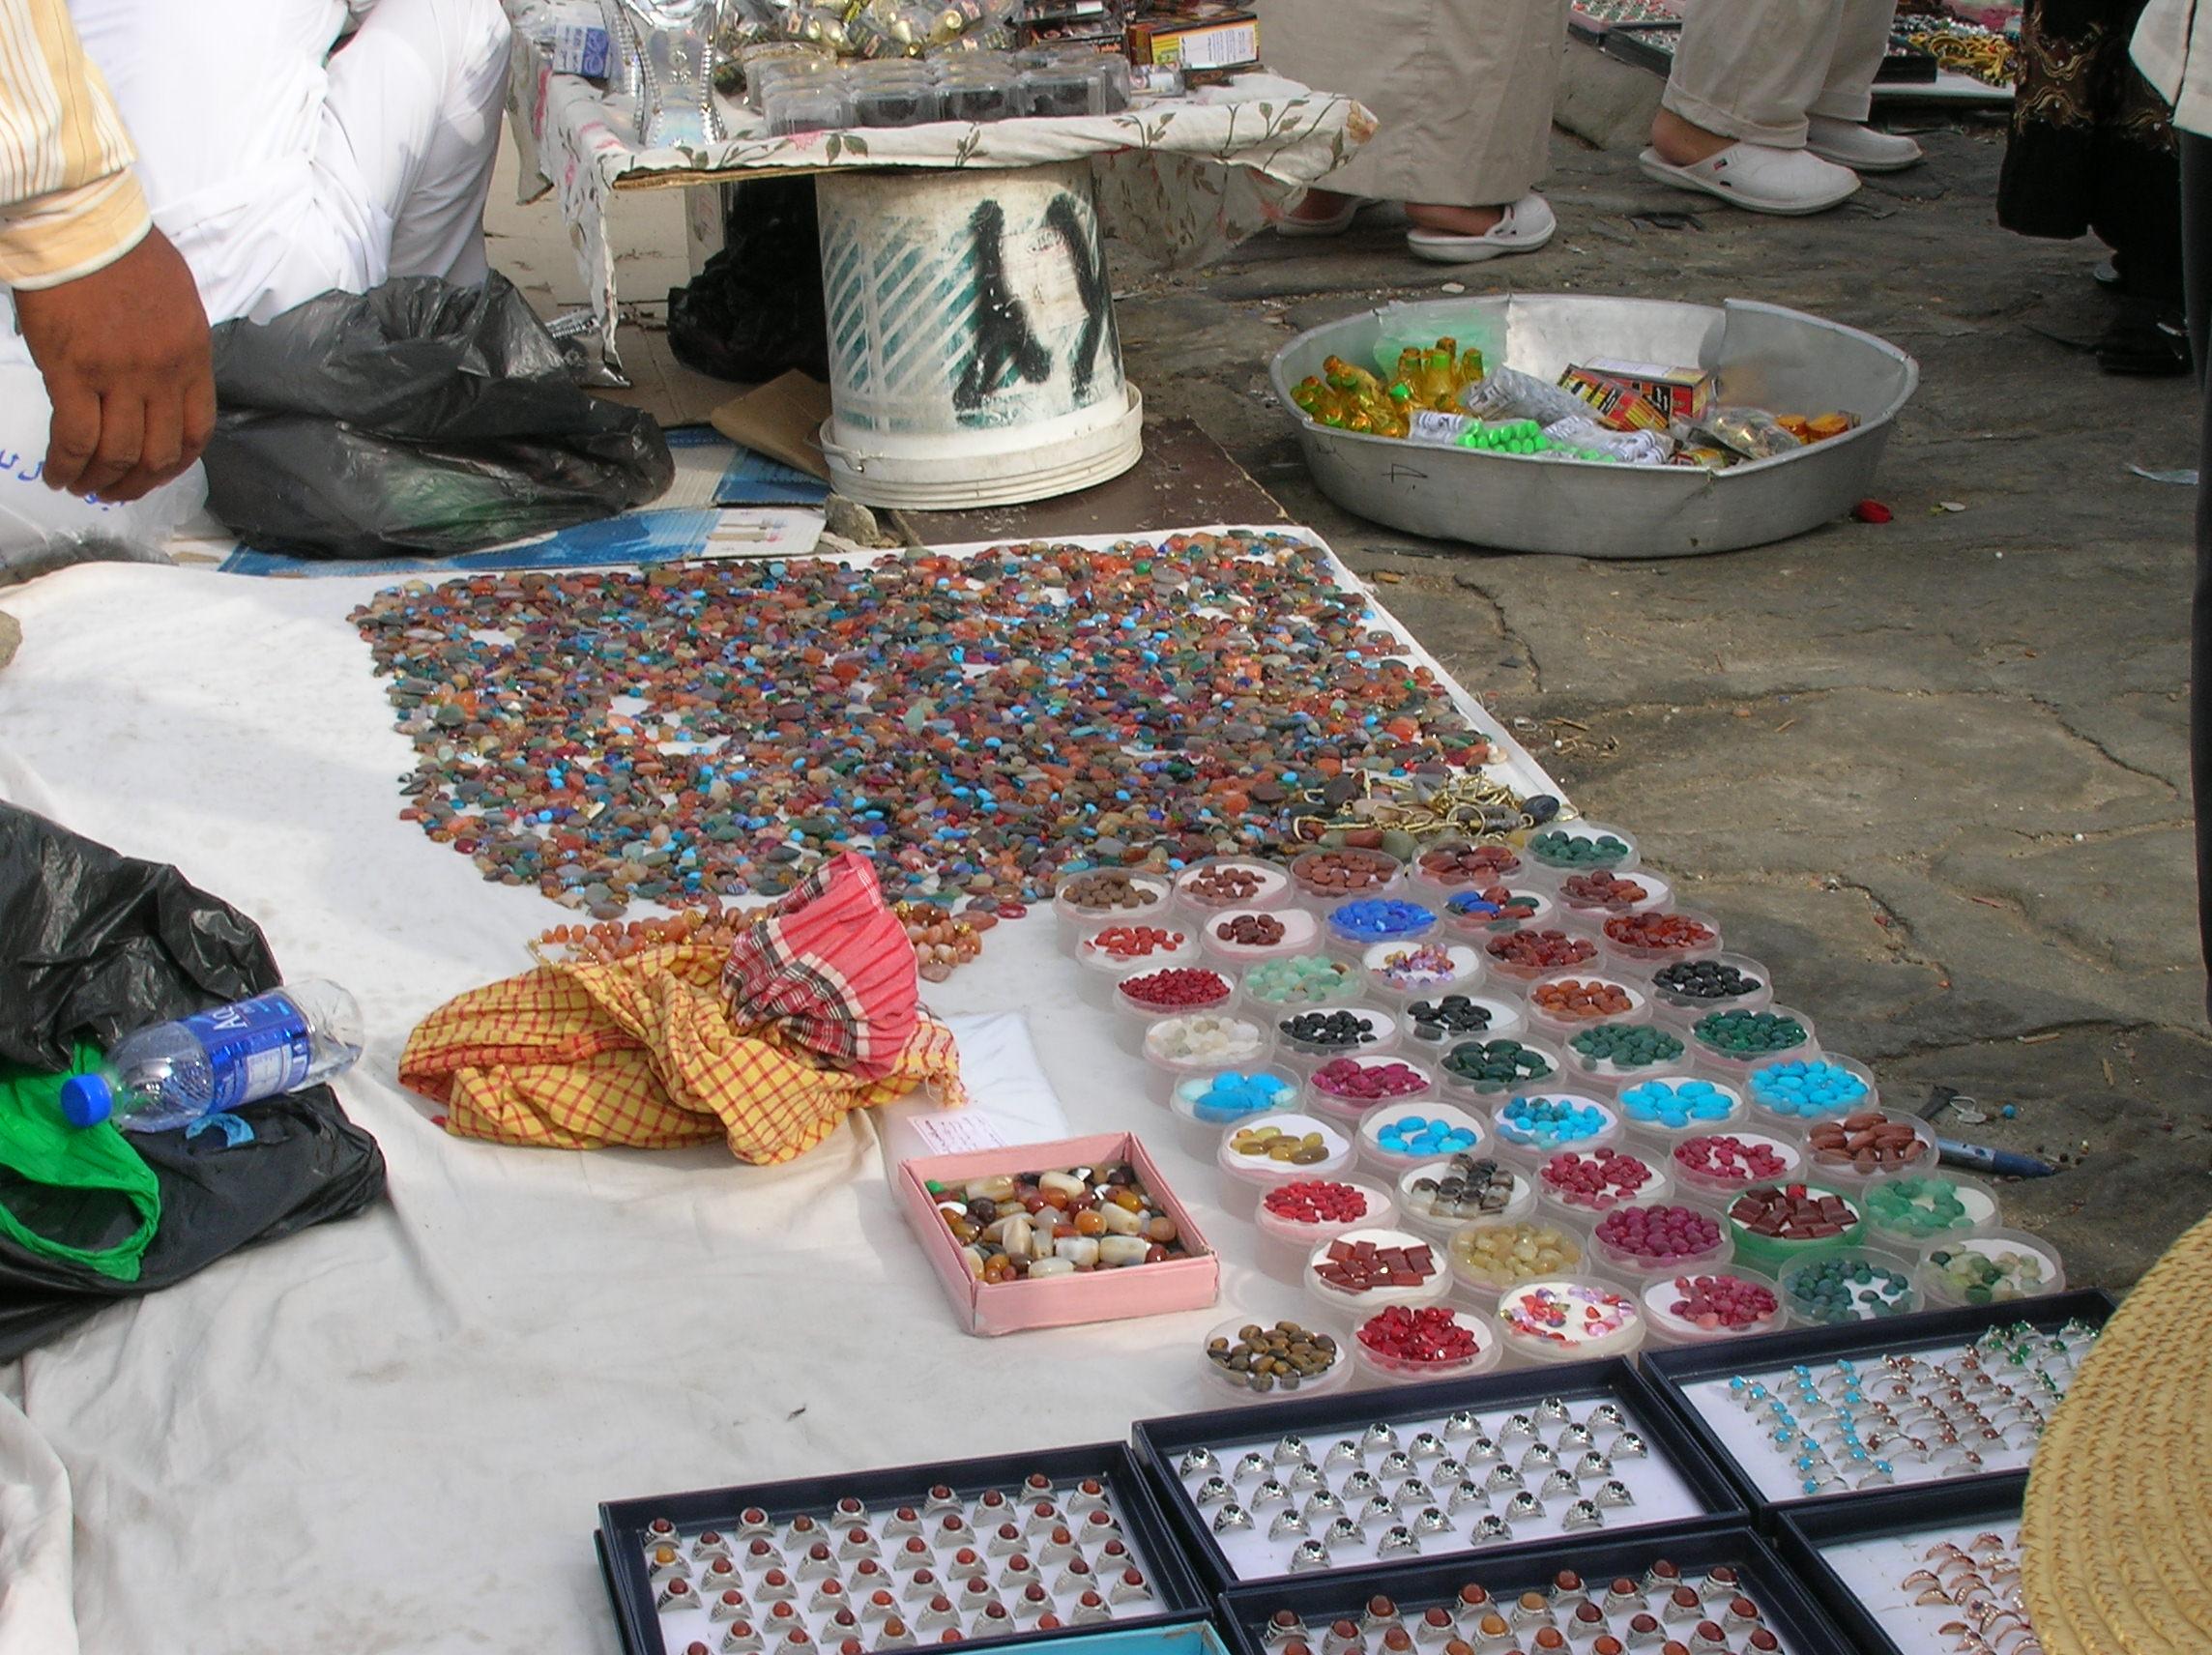 File:Batu akik yang dijual di dataran puncak Jabal Rahmah, Mekah.jpg